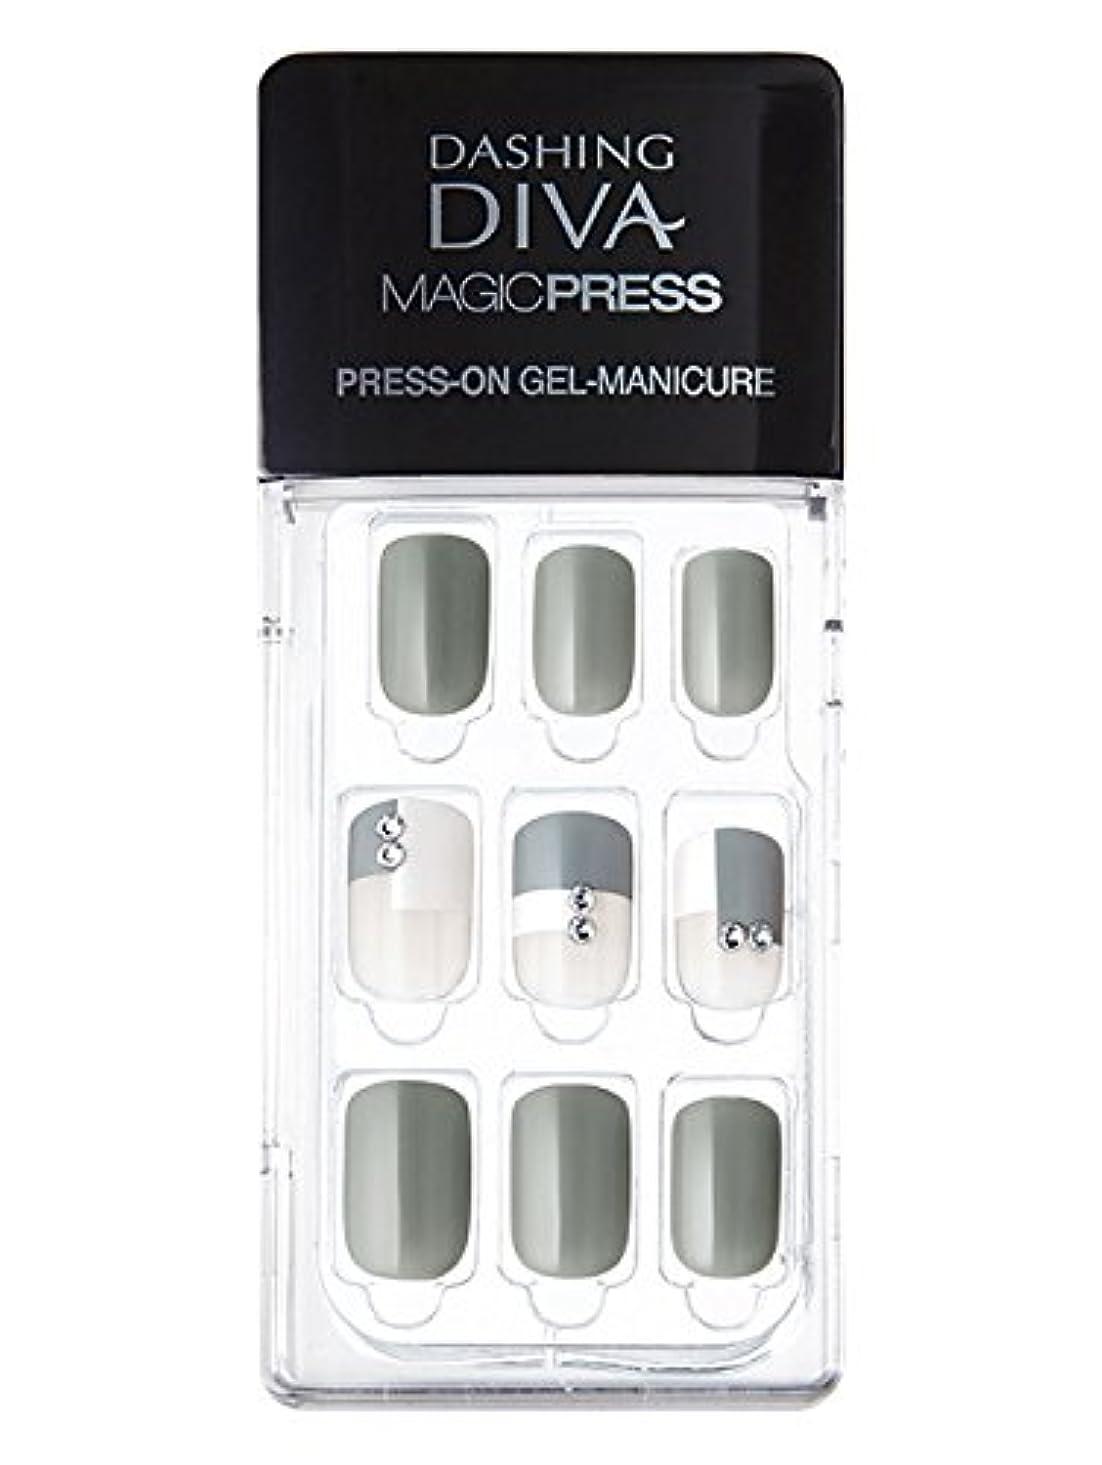 MDR071:ネイルチップ【ダッシングディバマジックプレス】DASHING DIVA MAGICPRESS PRESS-ON GEL-MANICURE 1BOX(30TIPS)-DURY+